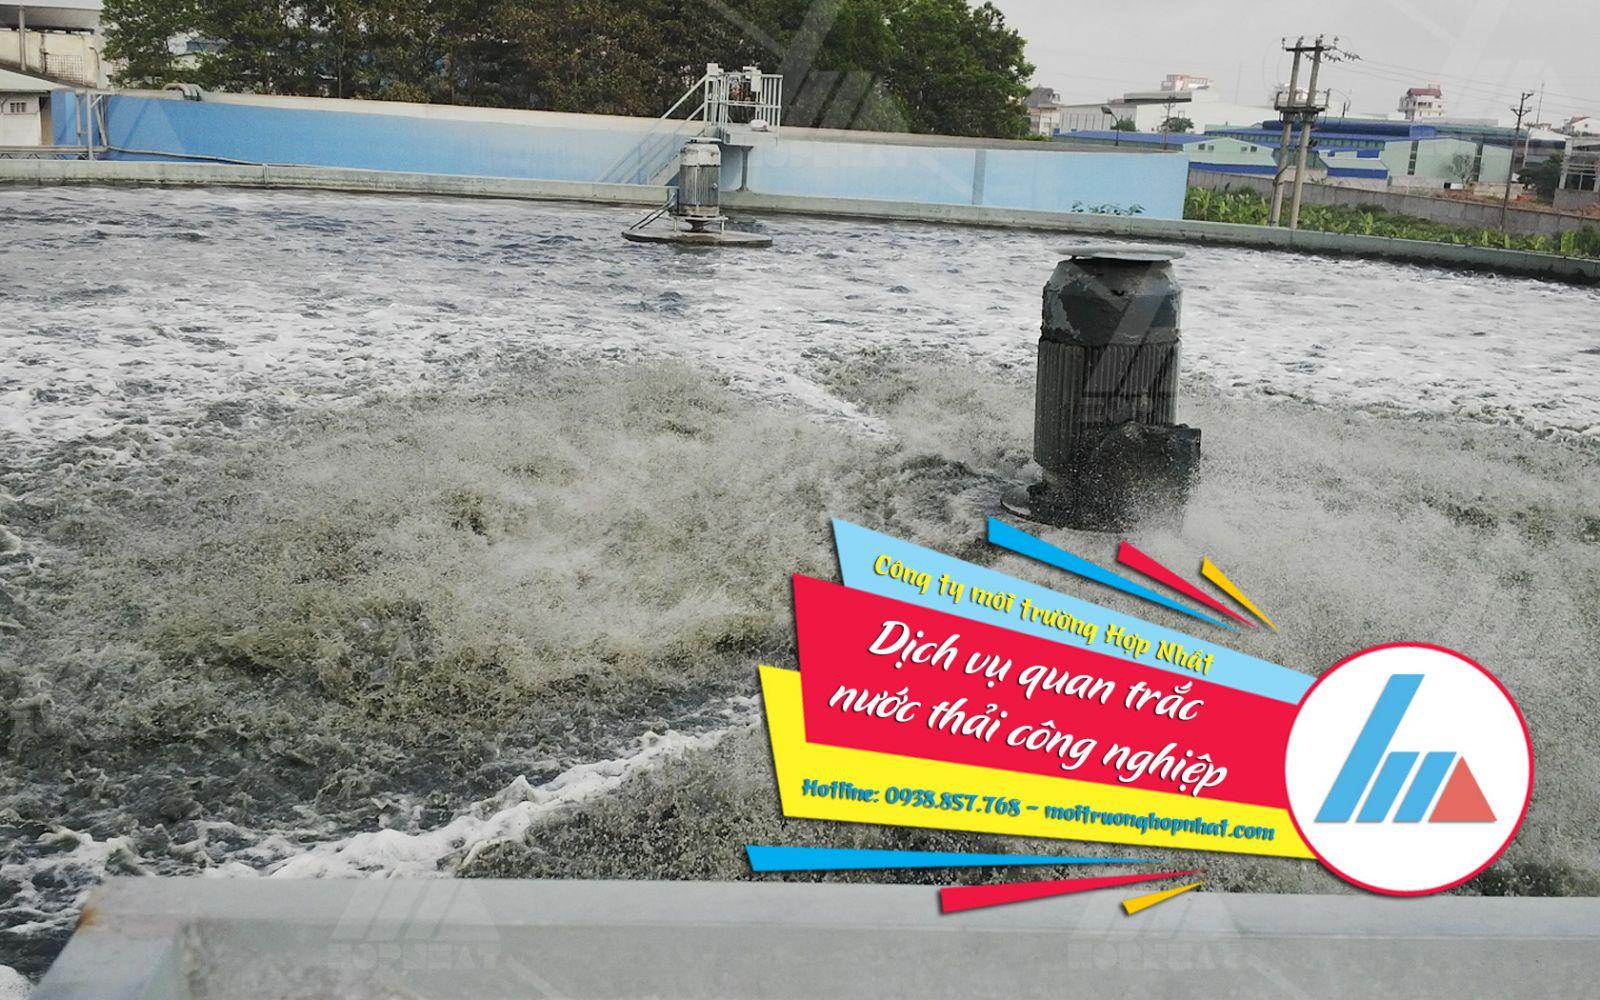 Dịch vụ quan trắc nước thải công nghiệp